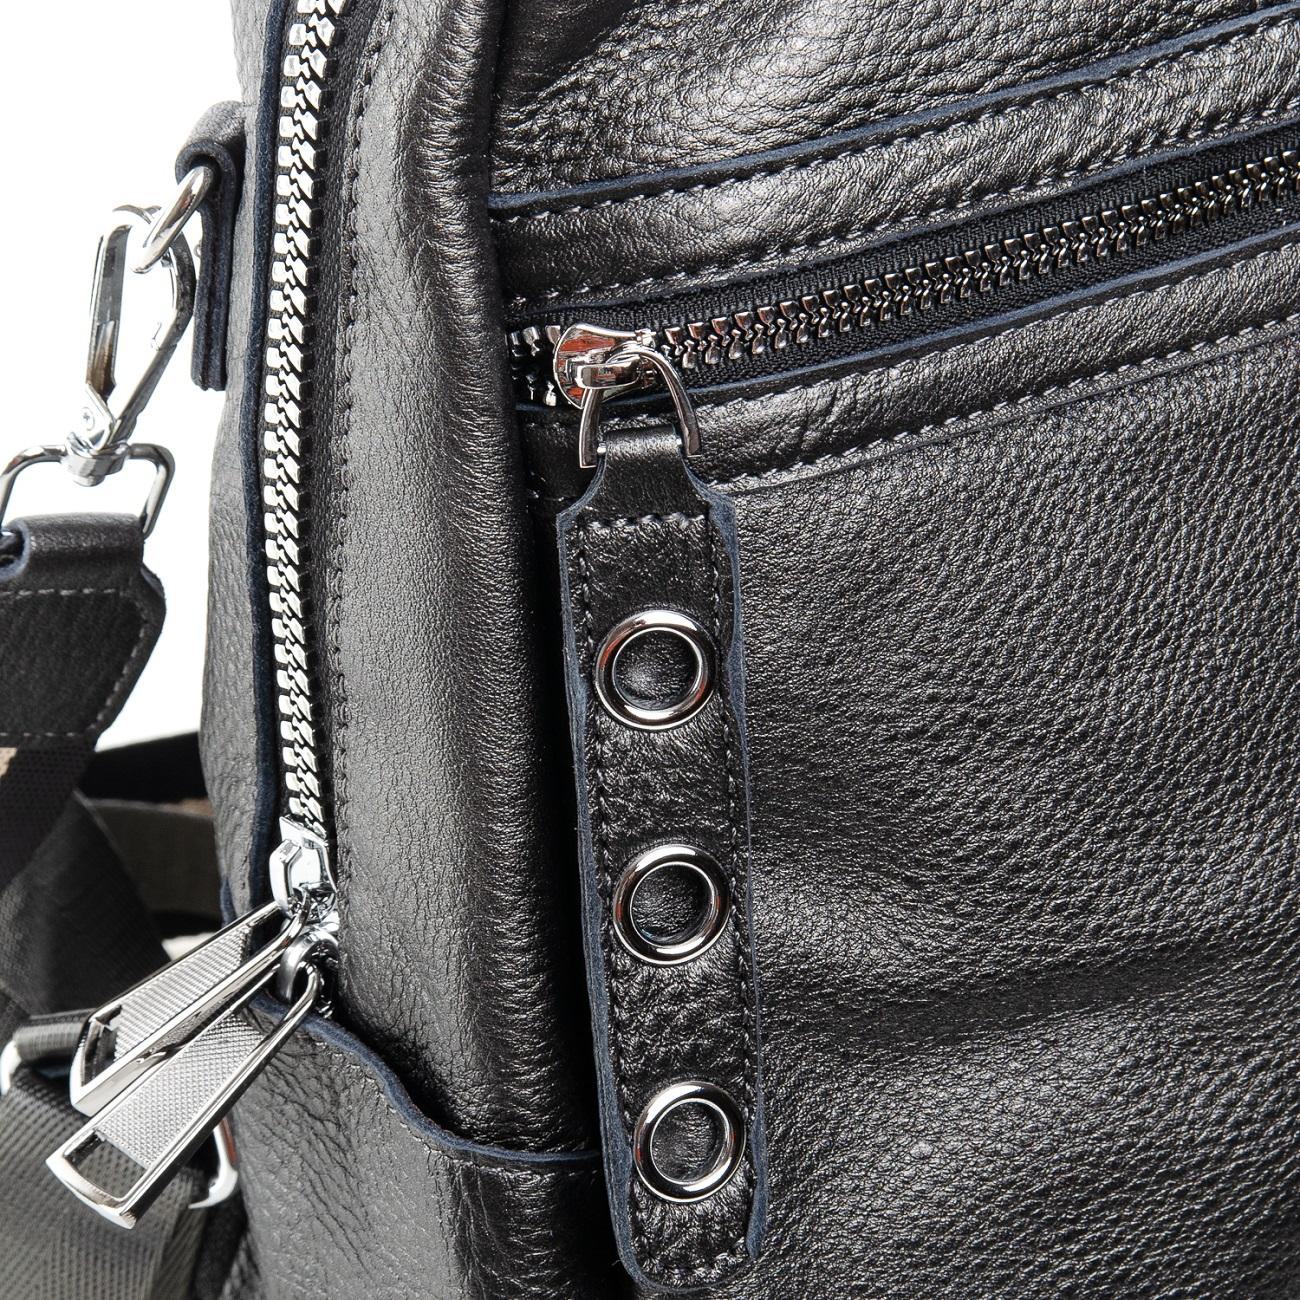 Сумка Женская Рюкзак кожа ALEX RAI 7-02 8781-9 silver-grey - фото 5